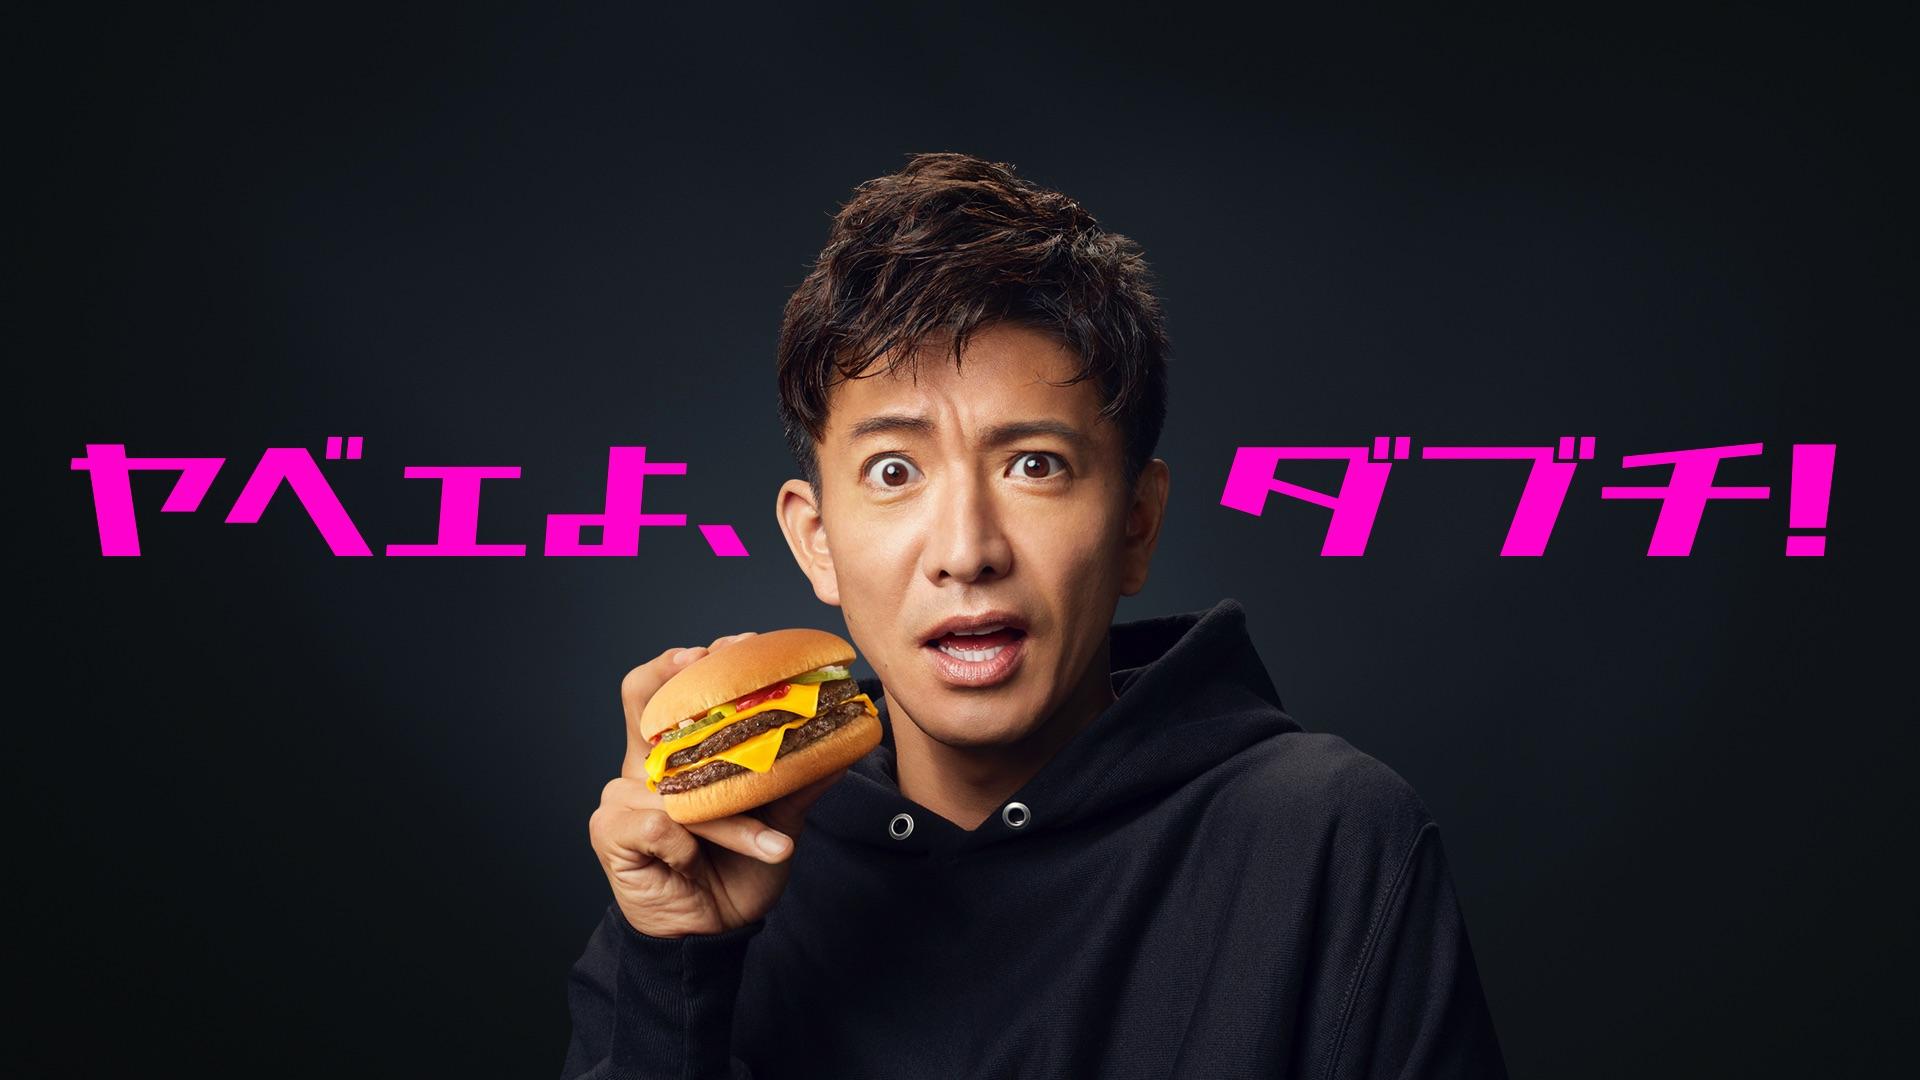 木村拓哉 Takuya Kimura マクドナルド McDonald's-麥當勞111